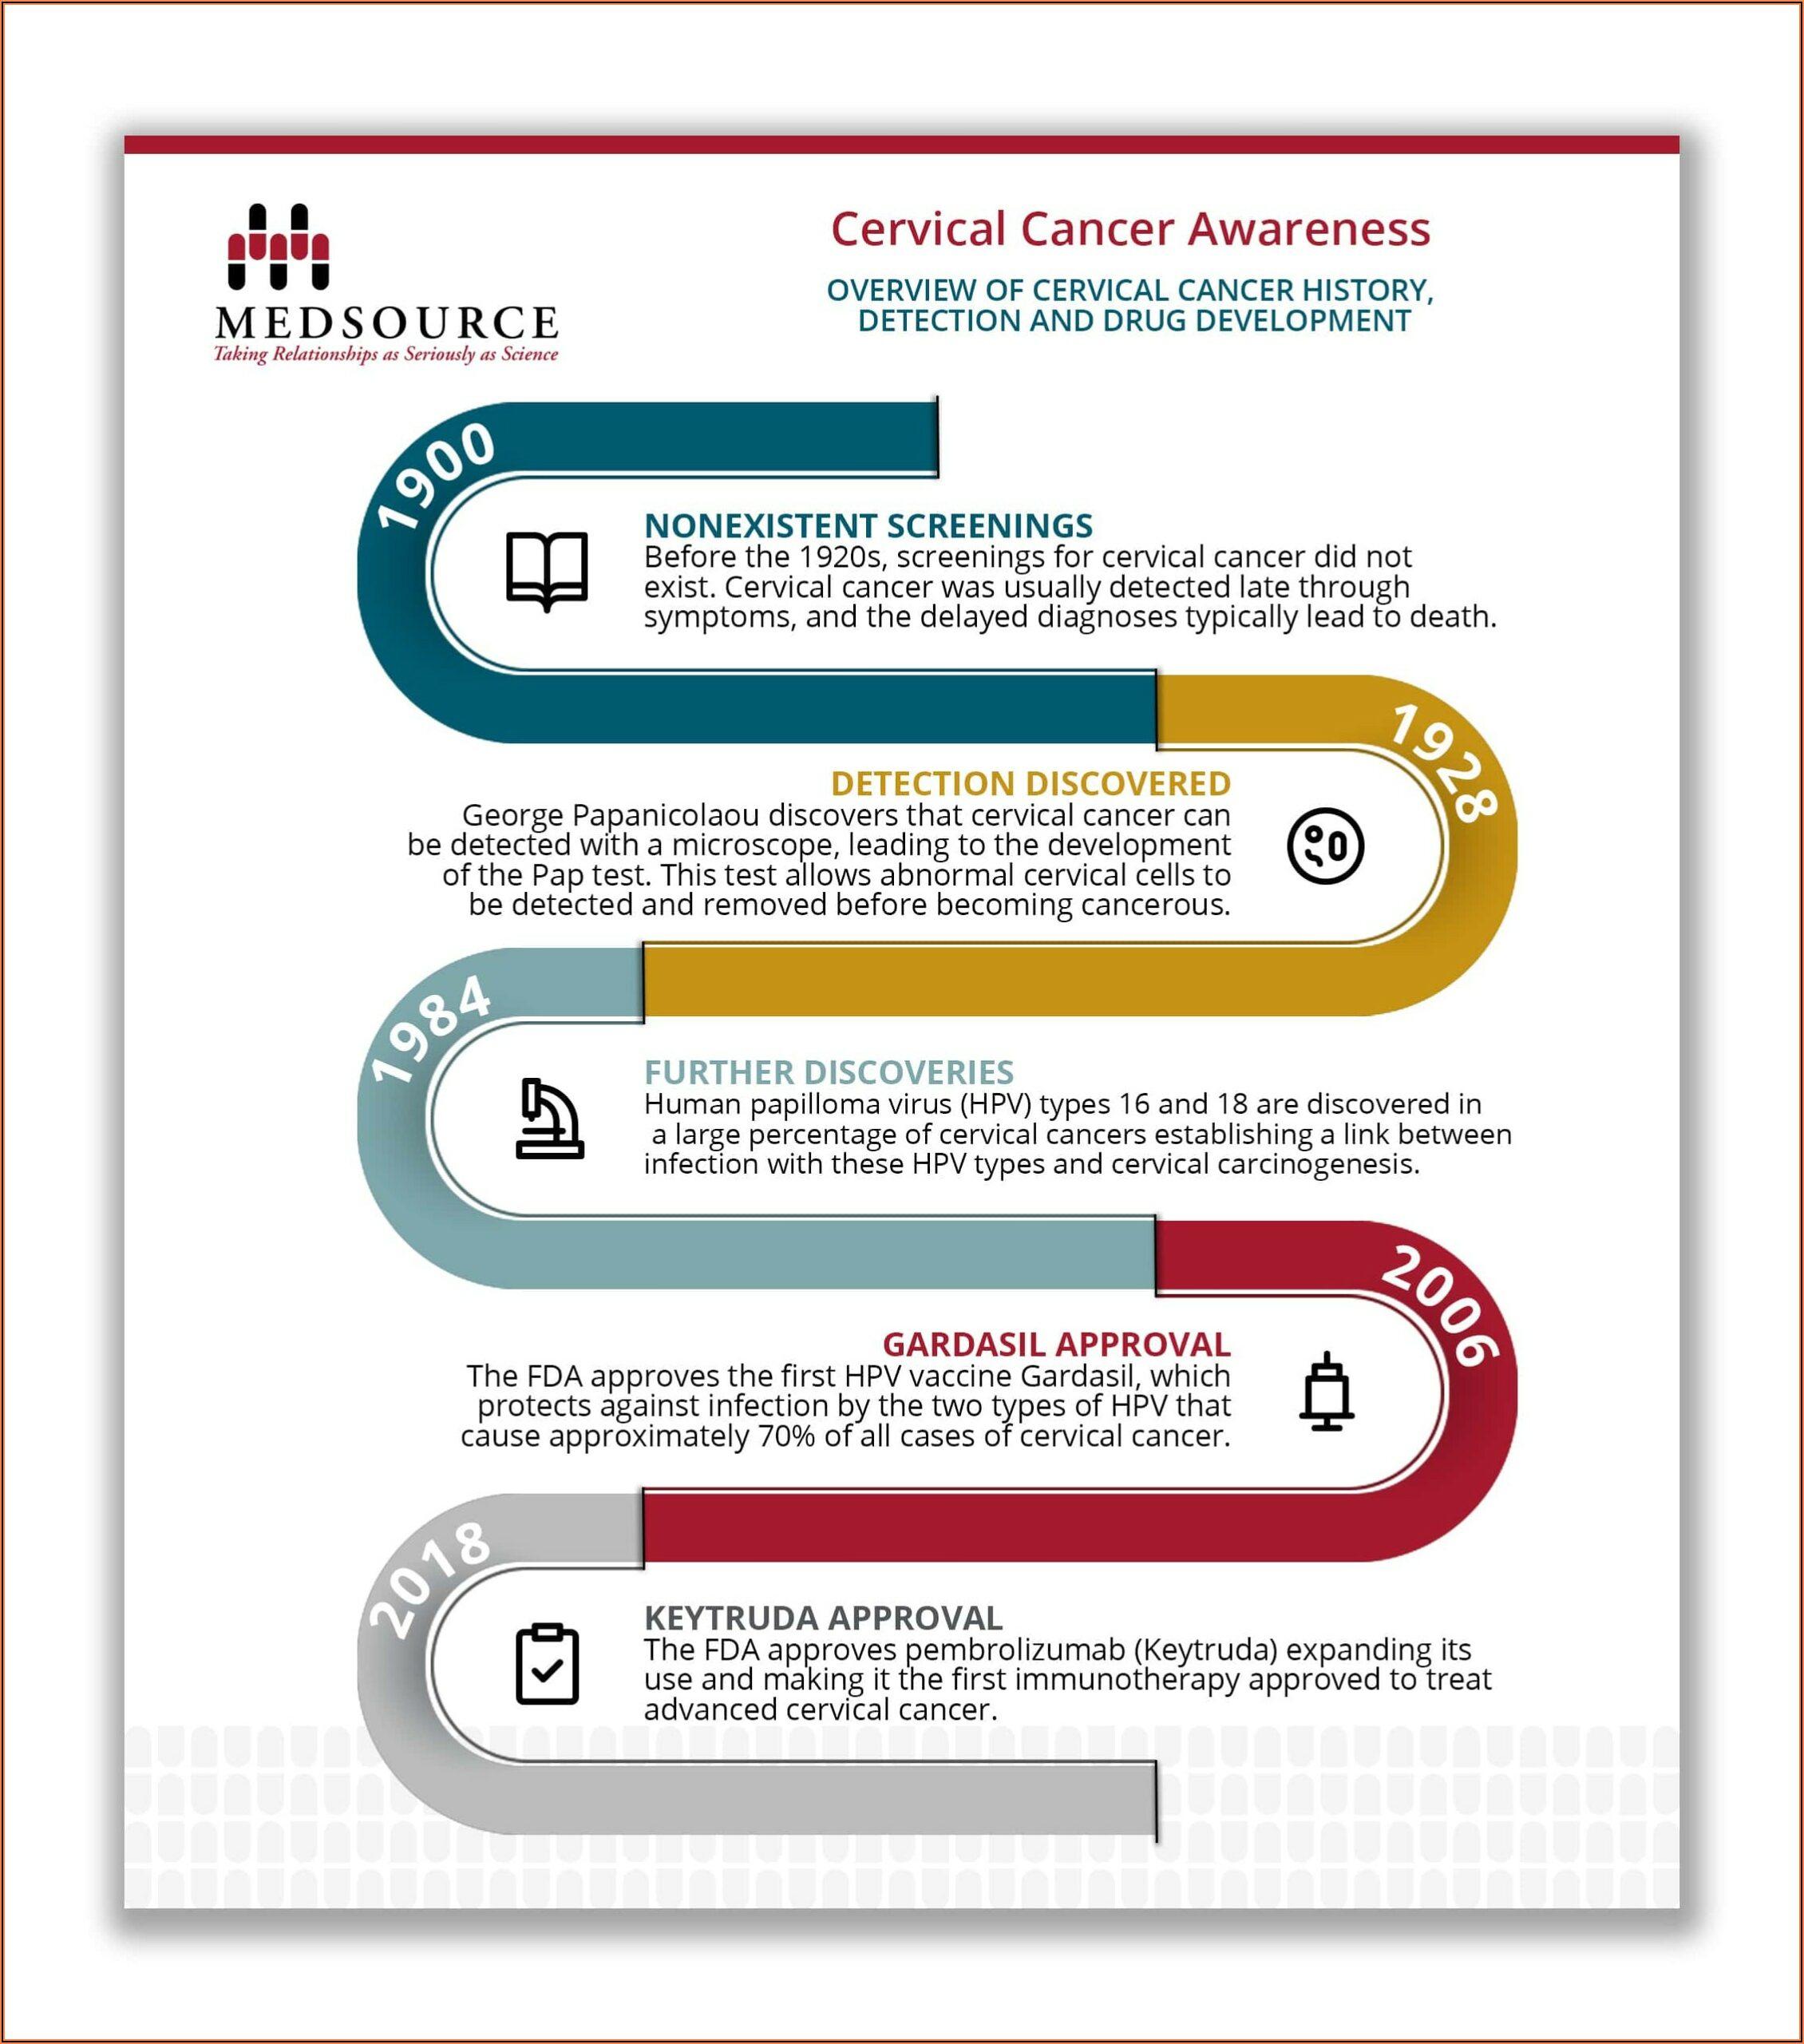 Cervical Cancer Treatment Timeline